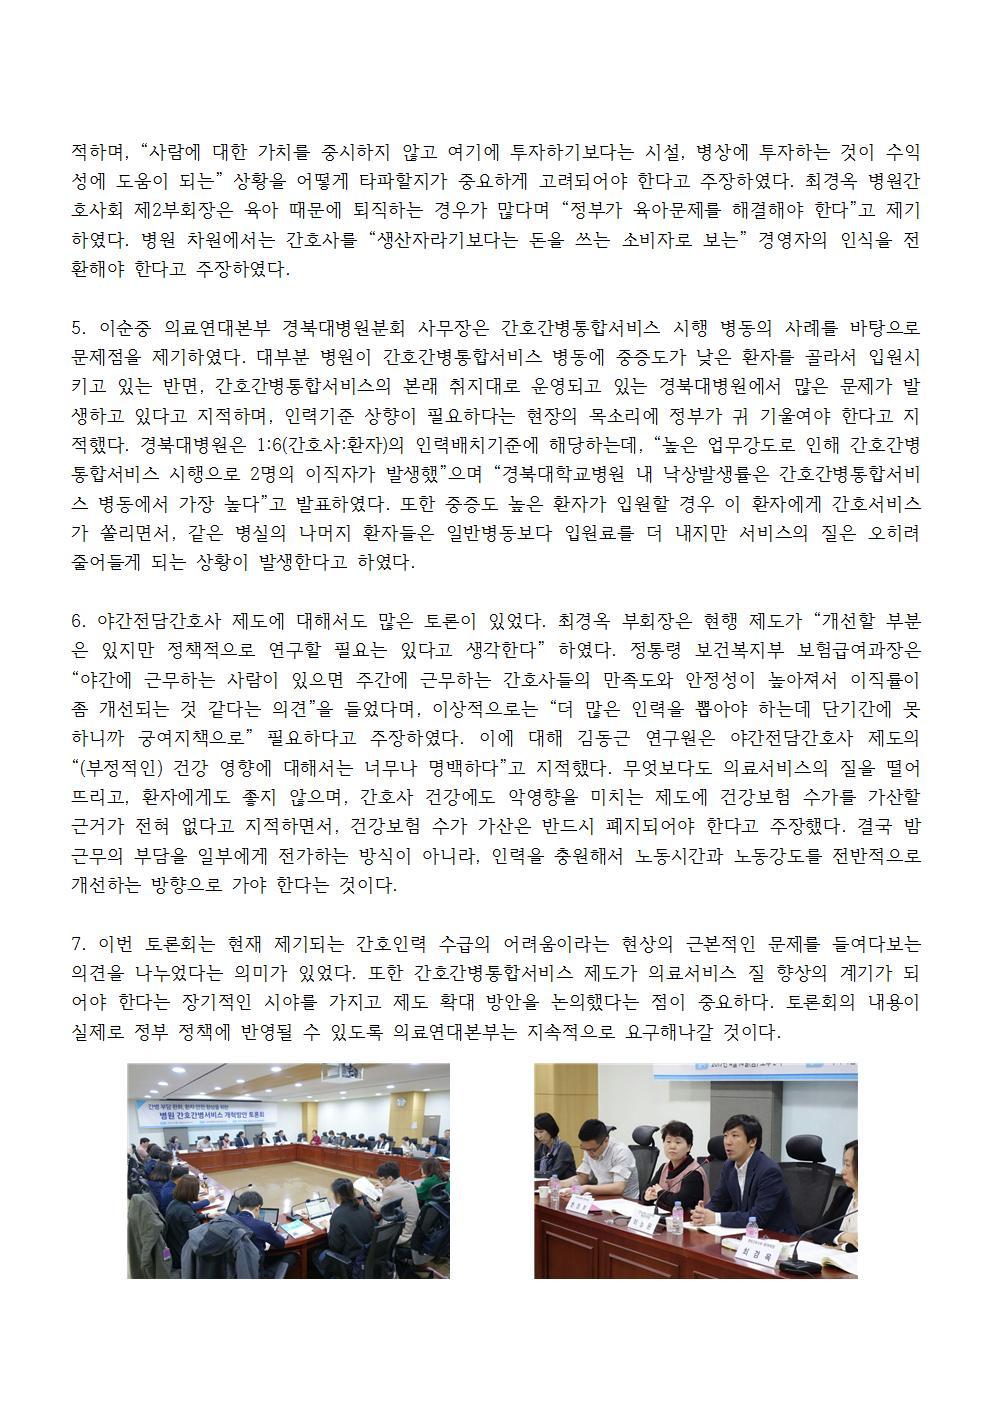 [보도자료] 병원 간호간병서비스 개혁방안 토론회002.jpg